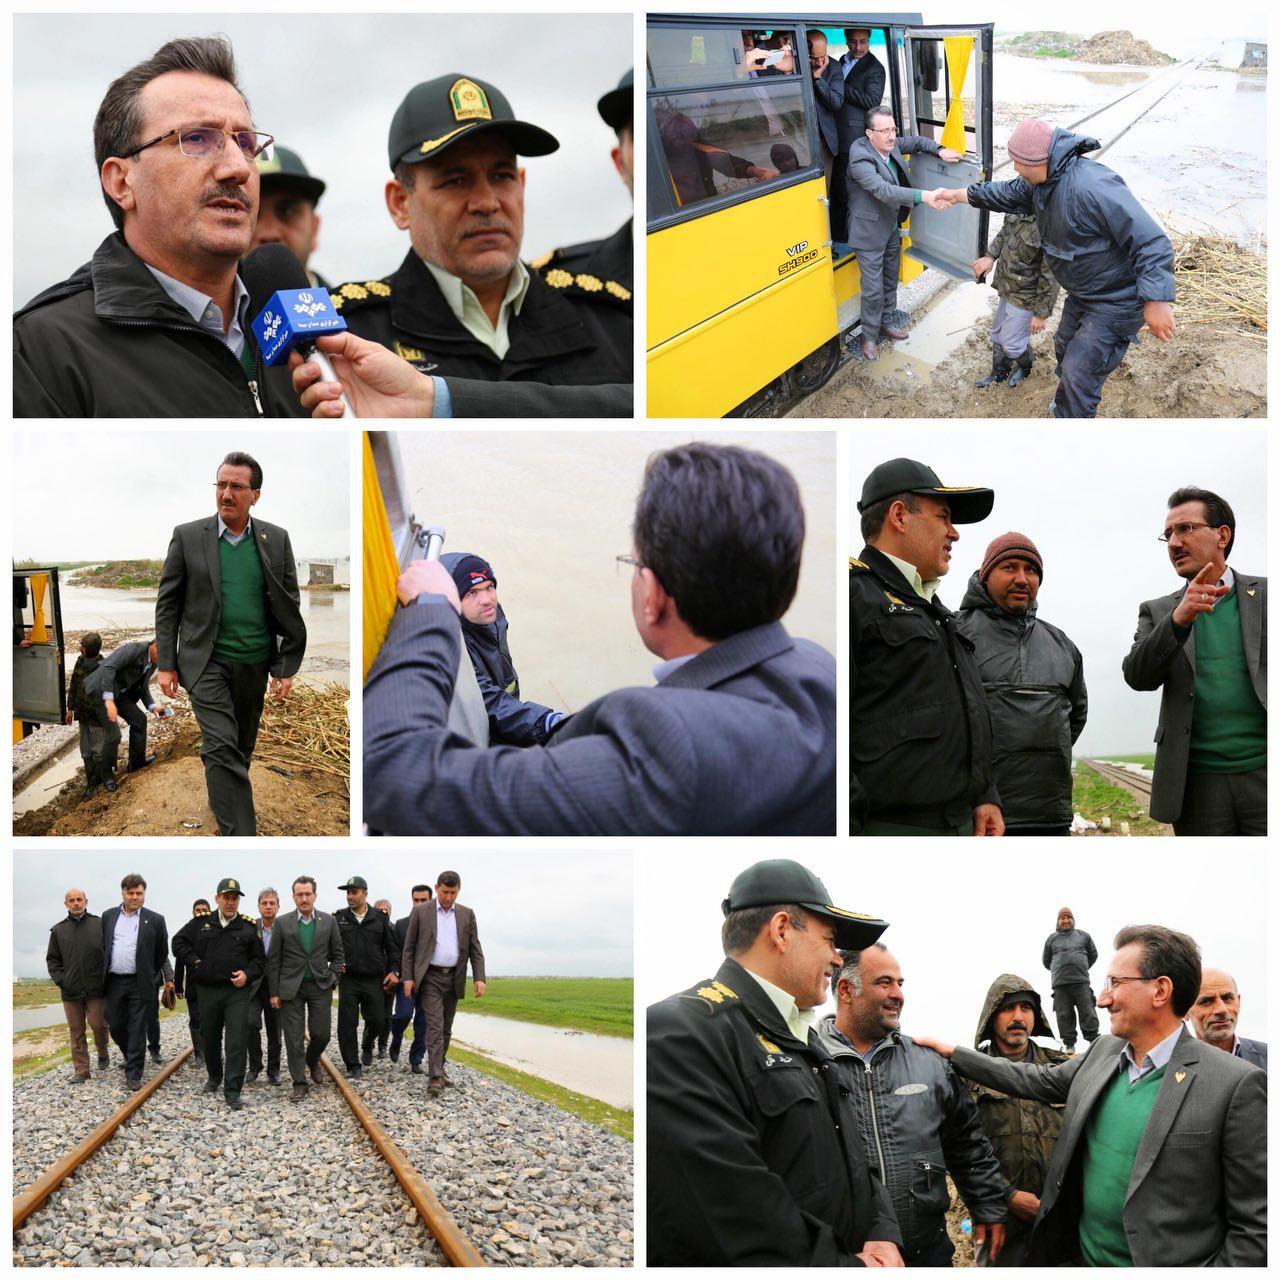 امداد رسانی و ایجاد آرامش، اولویت اول راه آهن / آماده باش و هماهنگی راه آهن با ستاد بحران / افزایش تولید لکوموتیو و واگن های مسافری و باری و ریل باس در انتهای سال ۹۸